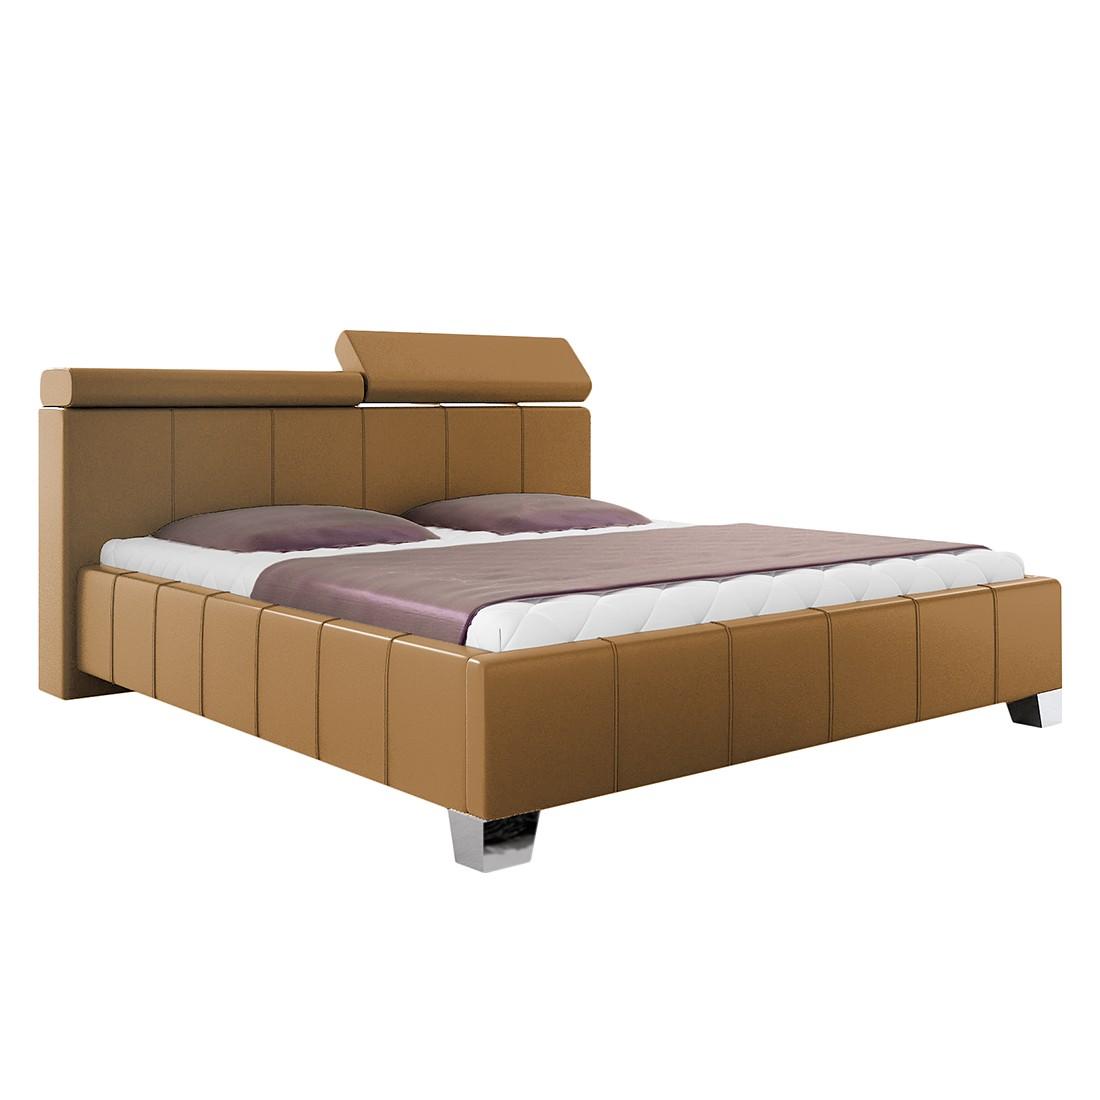 Gestoffeerd bed Madeira - kunstleer - 140 x 200cm - Geen bedlade - Bedframe zonder matras & lattenbodem - Bruin, roomscape